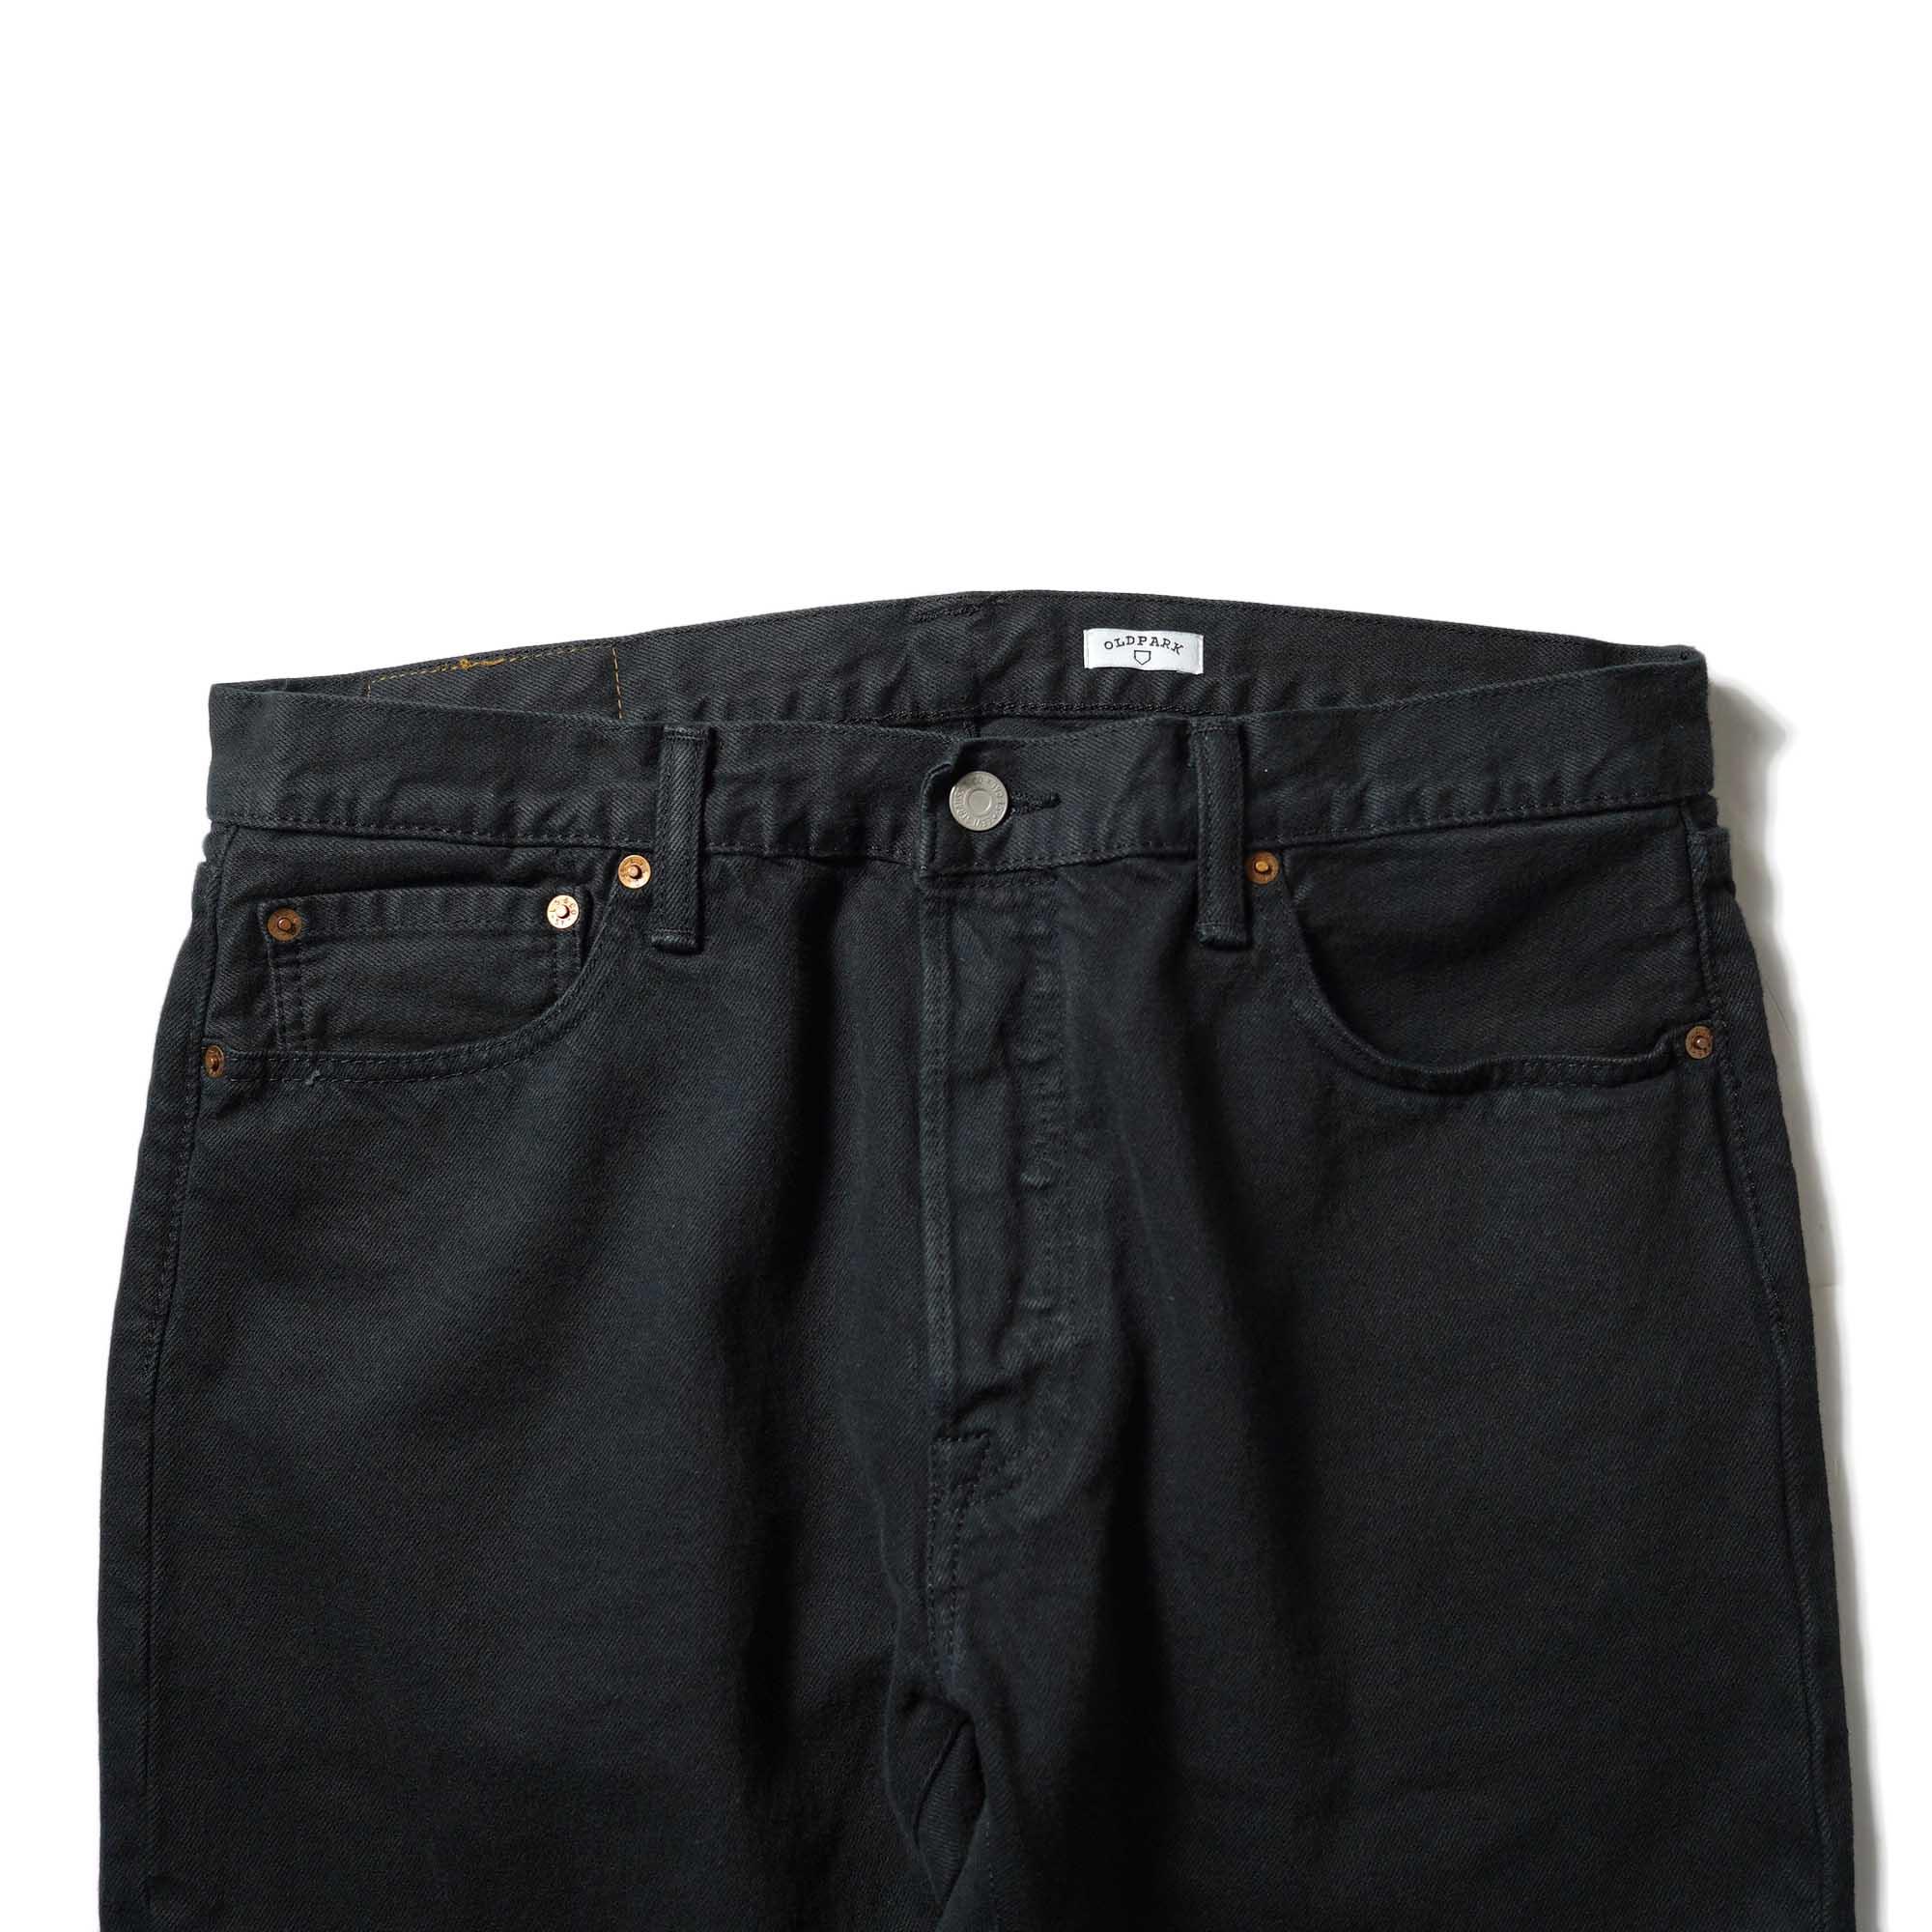 OLD PARK / Western Jeans2 Black (Lsize-B)ウエスト